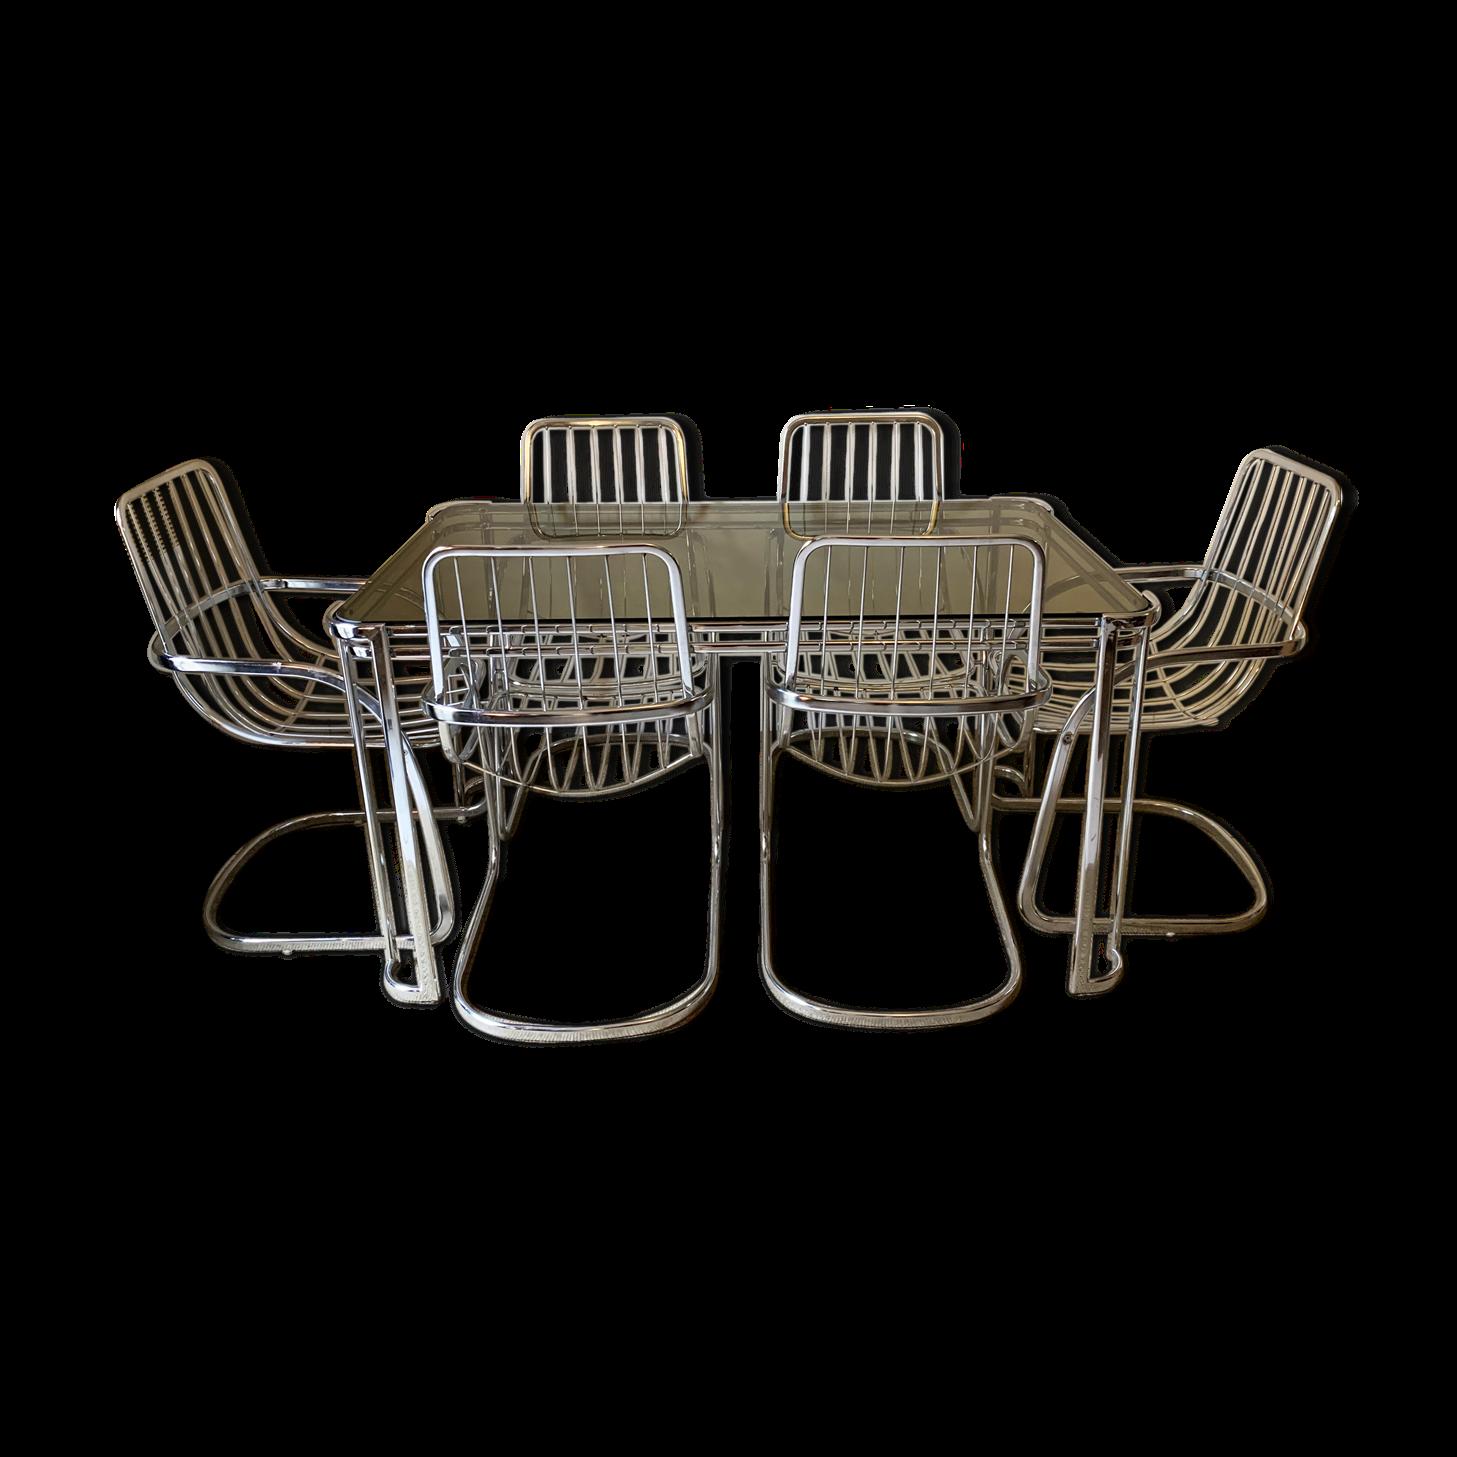 Ensemble de salle à manger de 6 chaises Gastone Rinaldi de 1970 et d'une table assortie